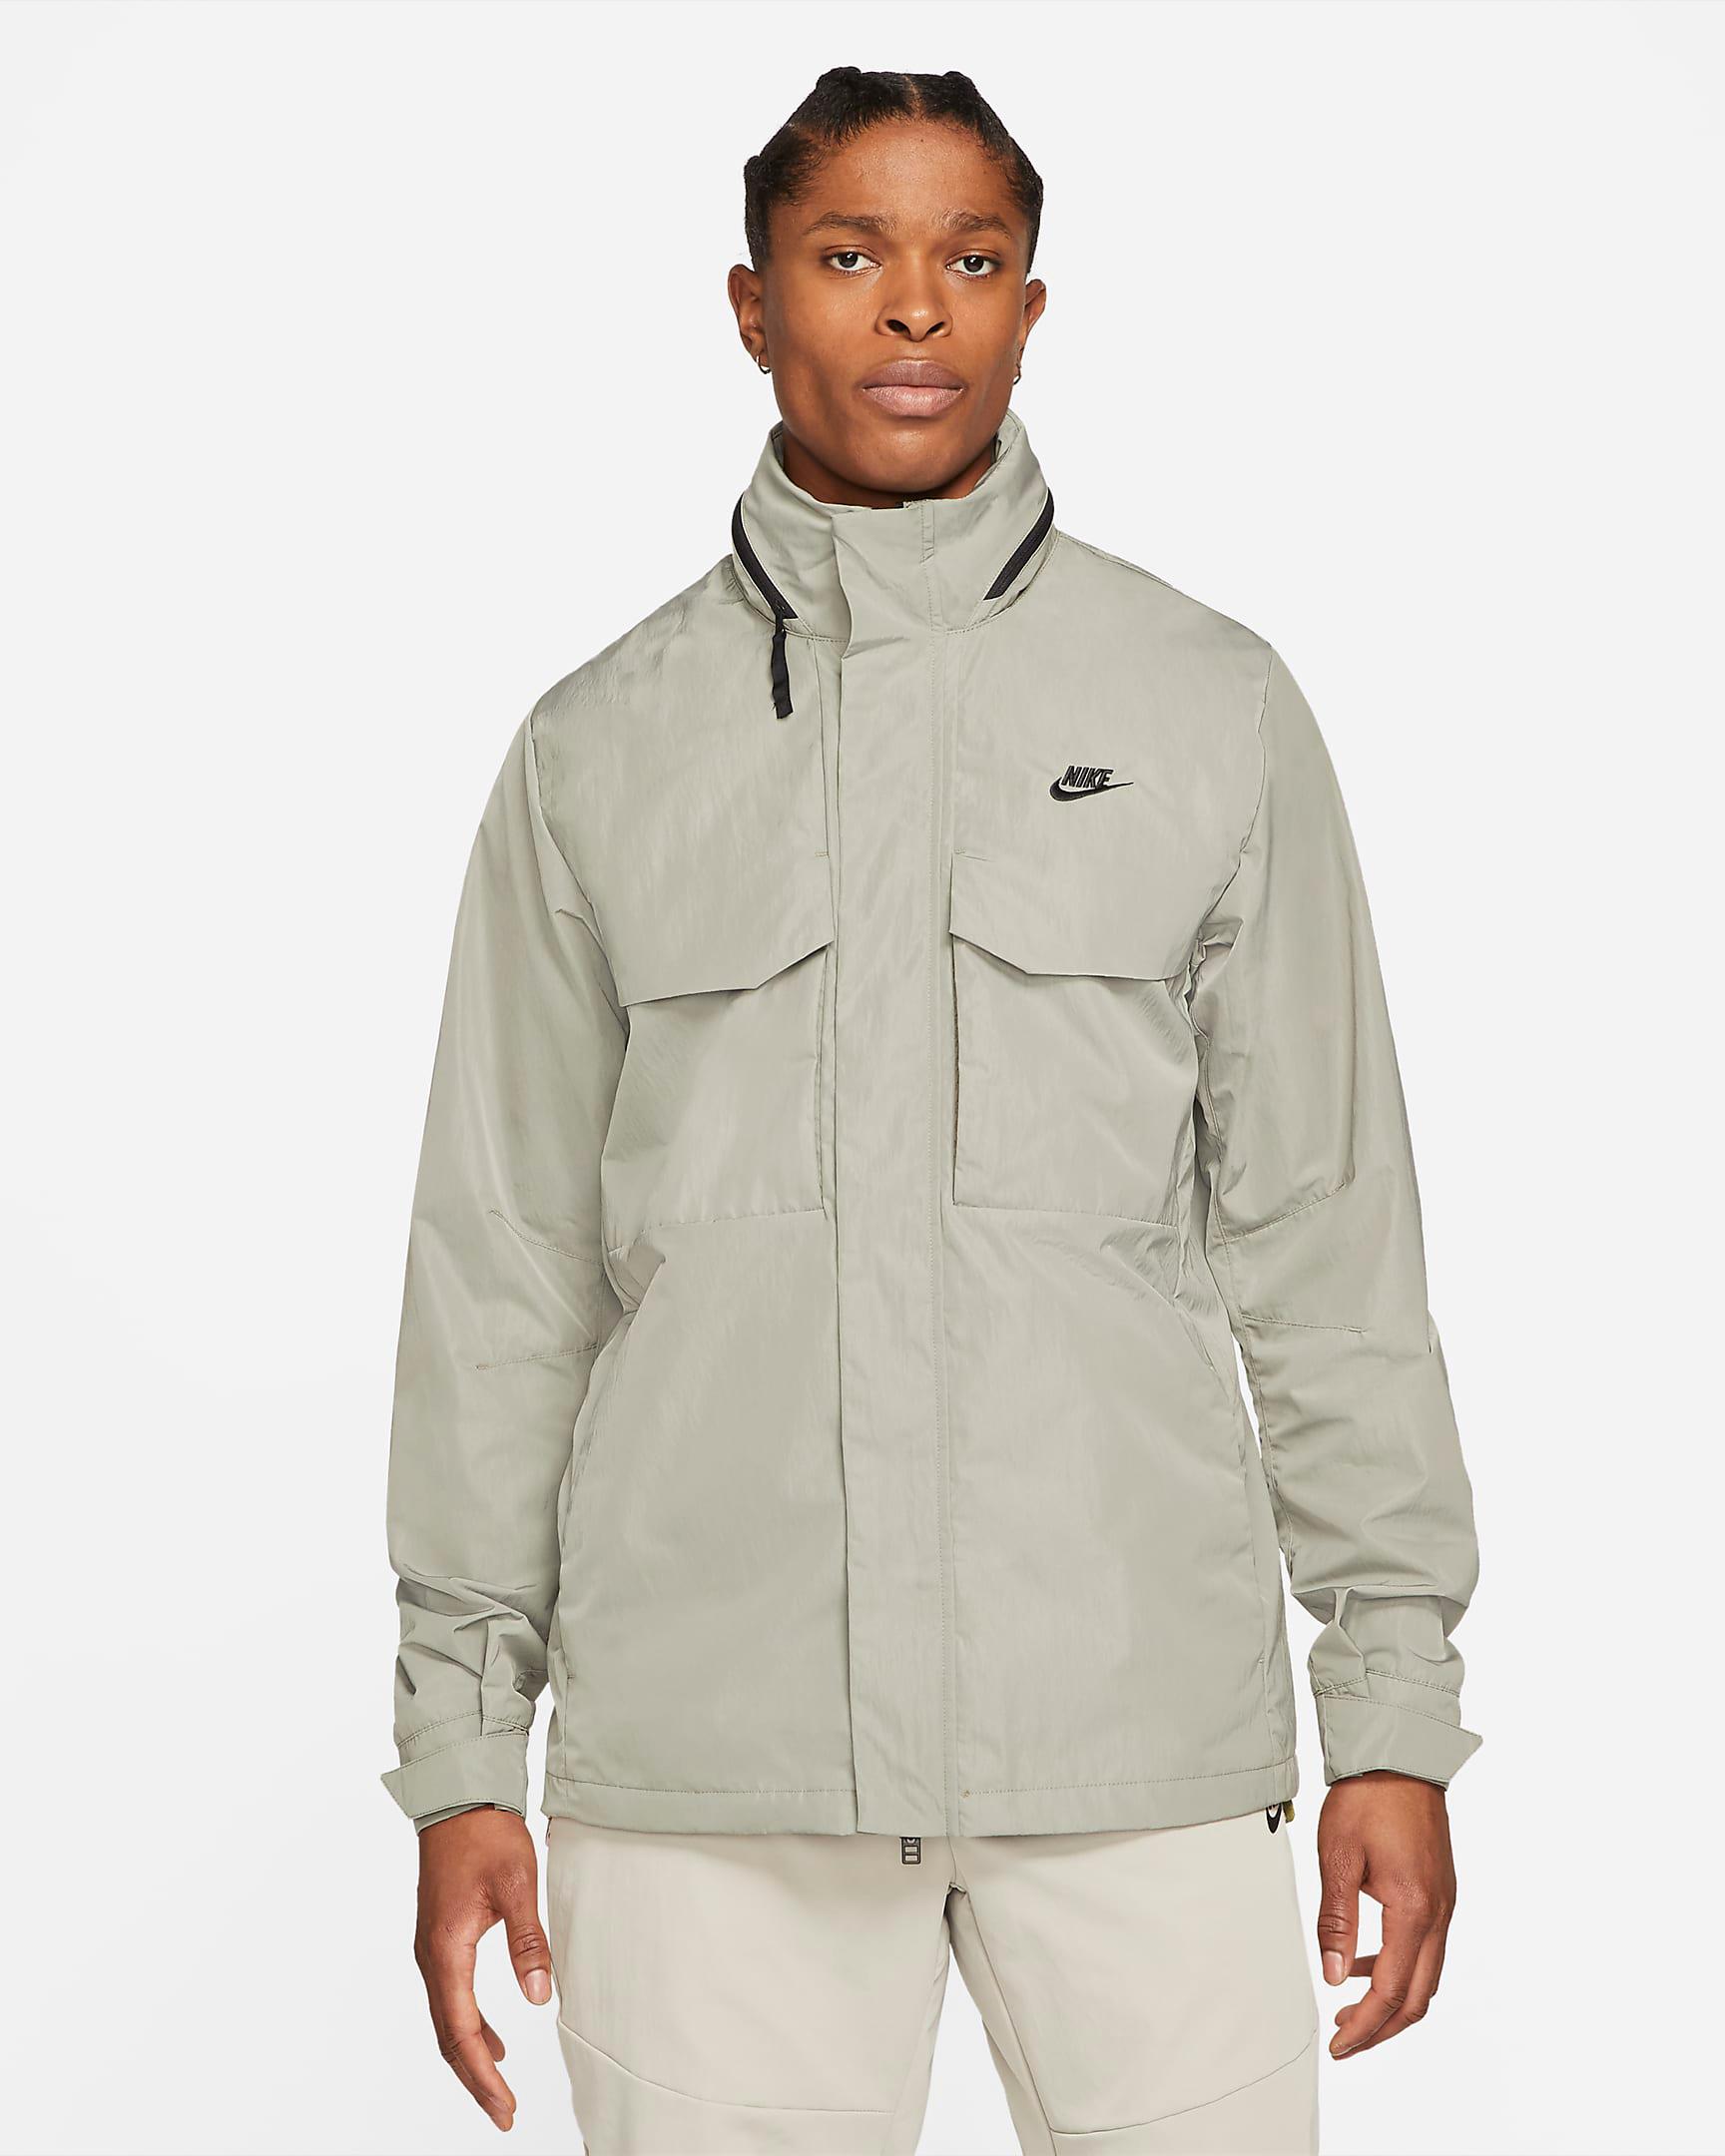 air-jordan-1-high-patina-light-army-jacket-1